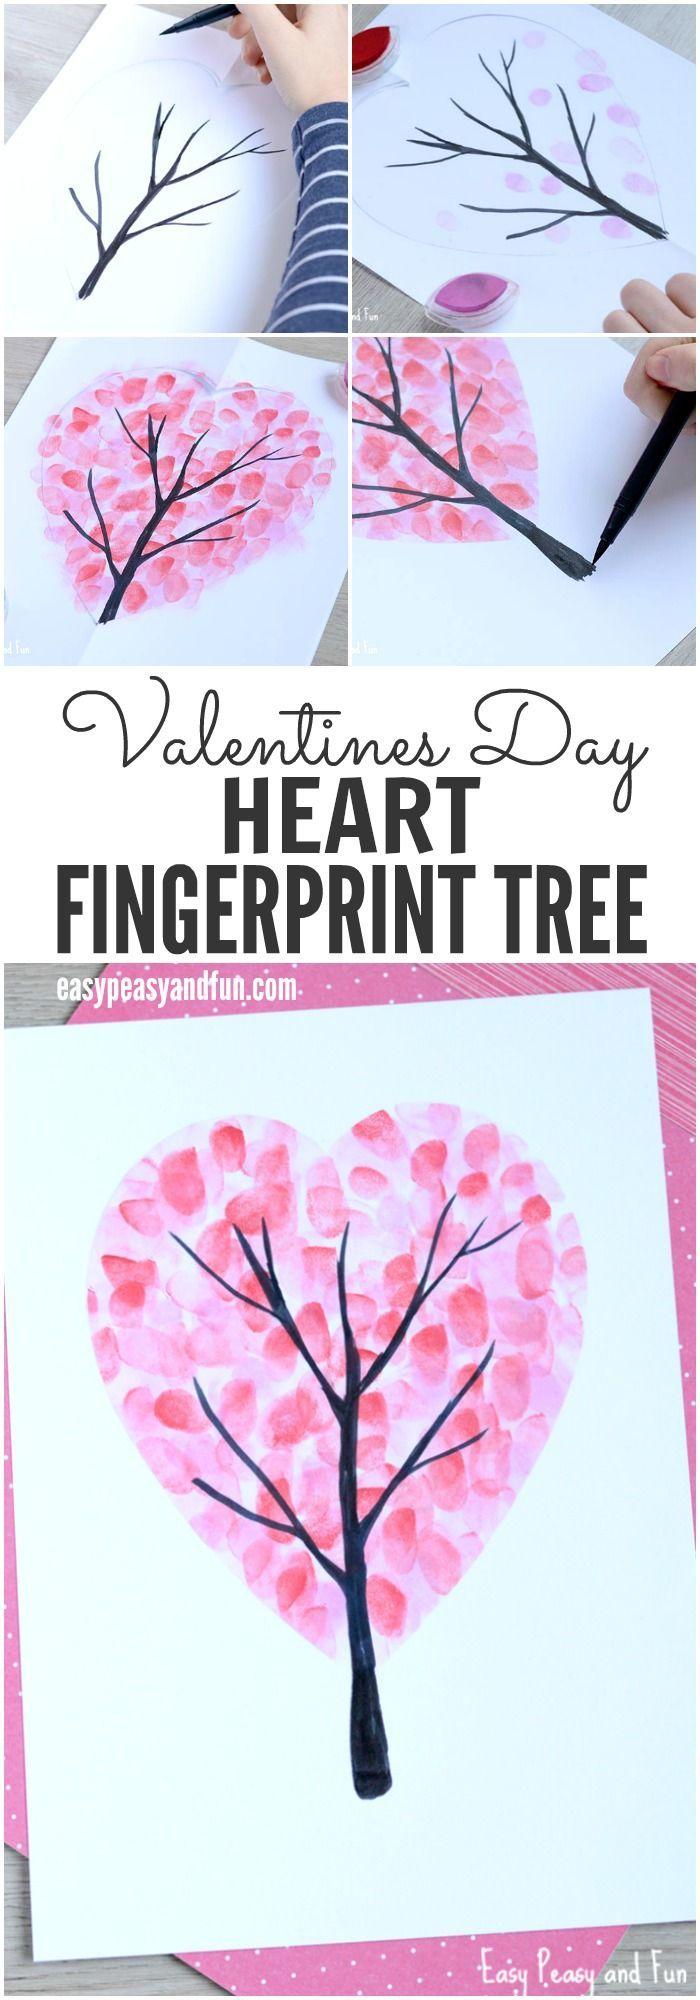 Best 25+ Valentine day crafts ideas on Pinterest | DIY gifts paper ...